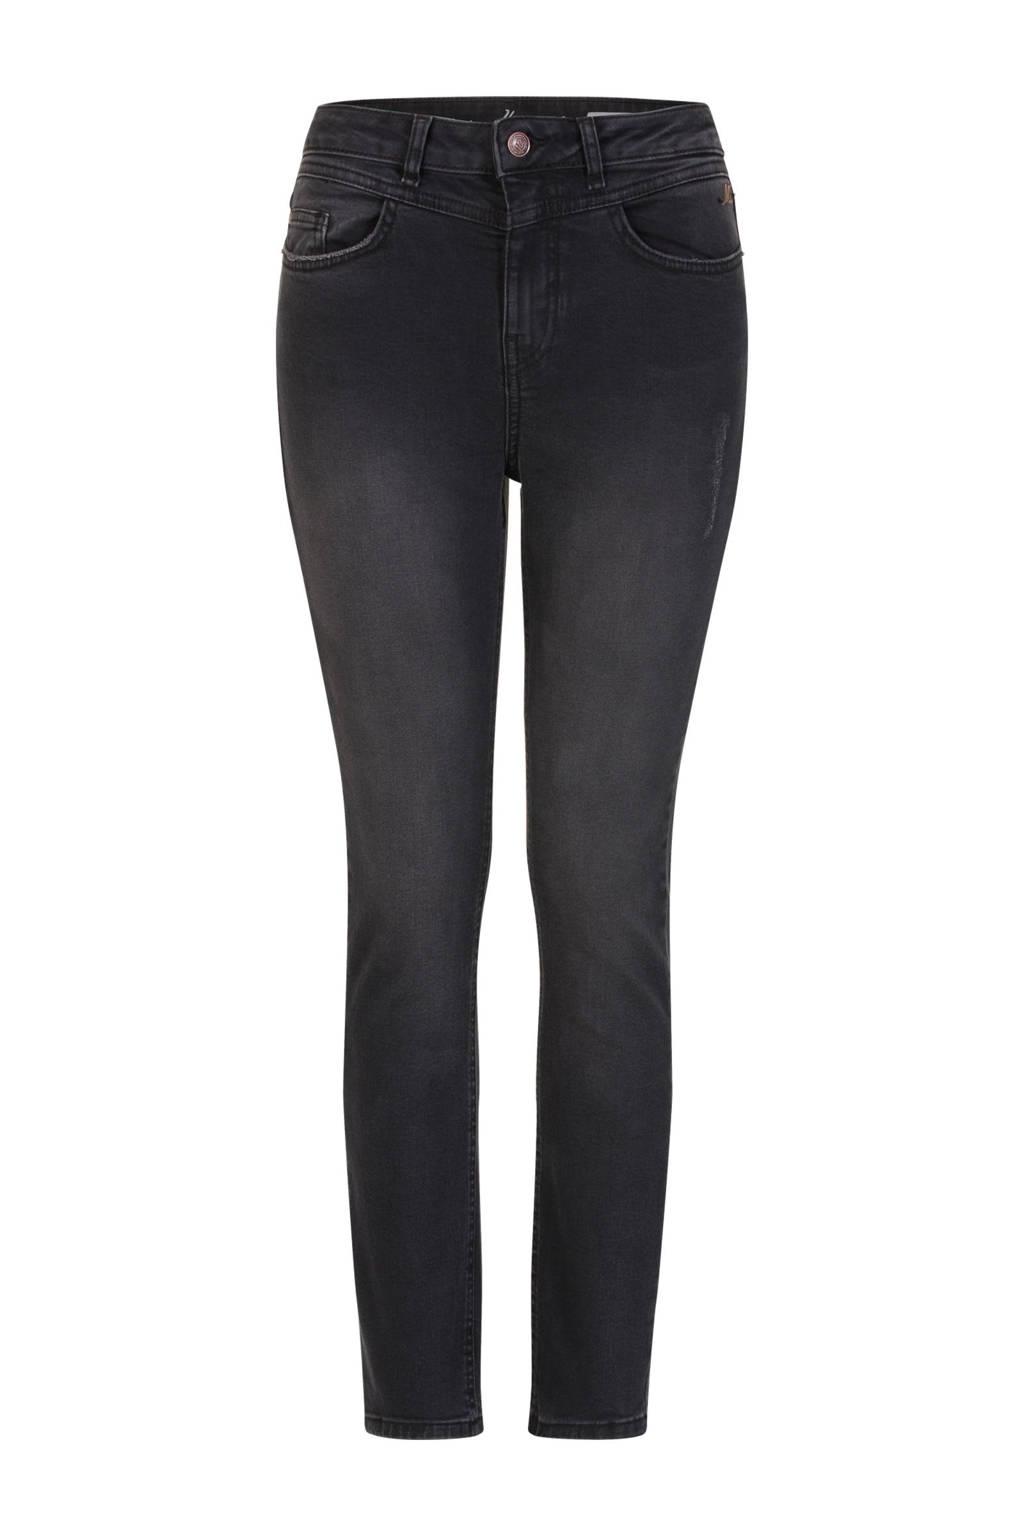 Miss Etam Regulier high waist slim fit jeans zwart, Zwart